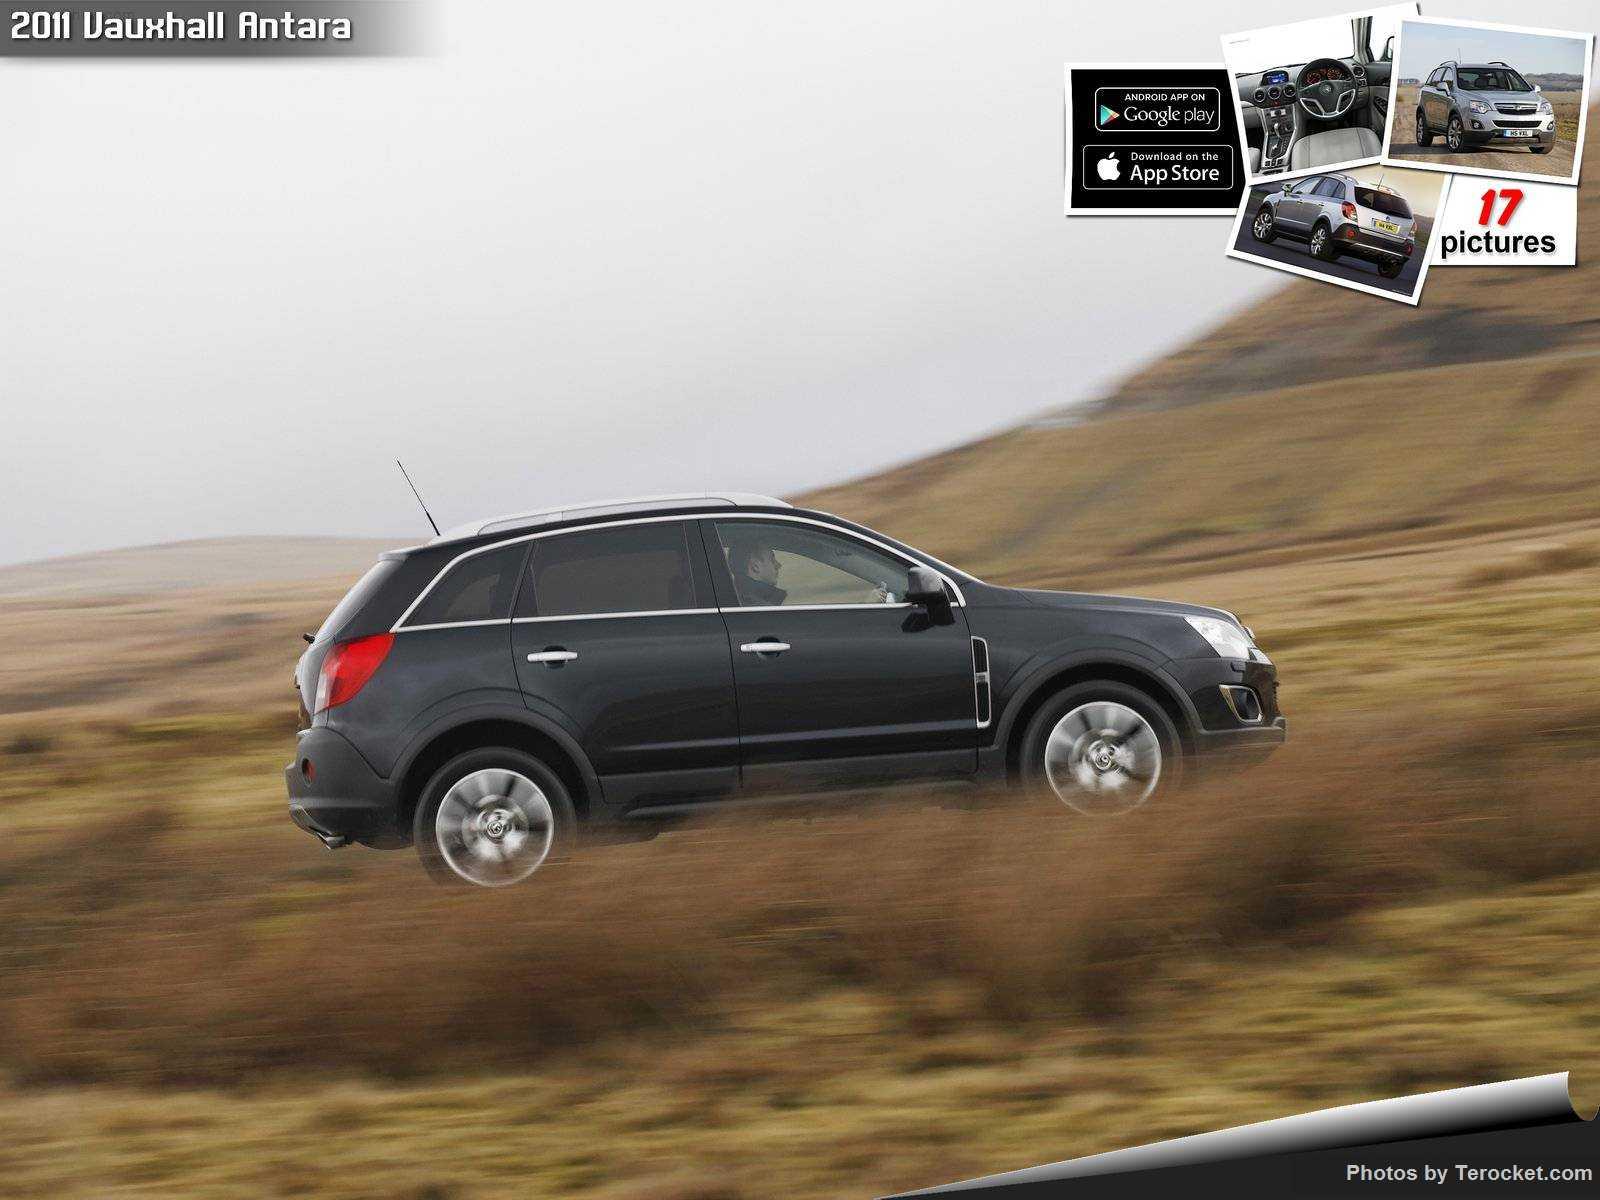 Hình ảnh xe ô tô Vauxhall Antara 2011 & nội ngoại thất